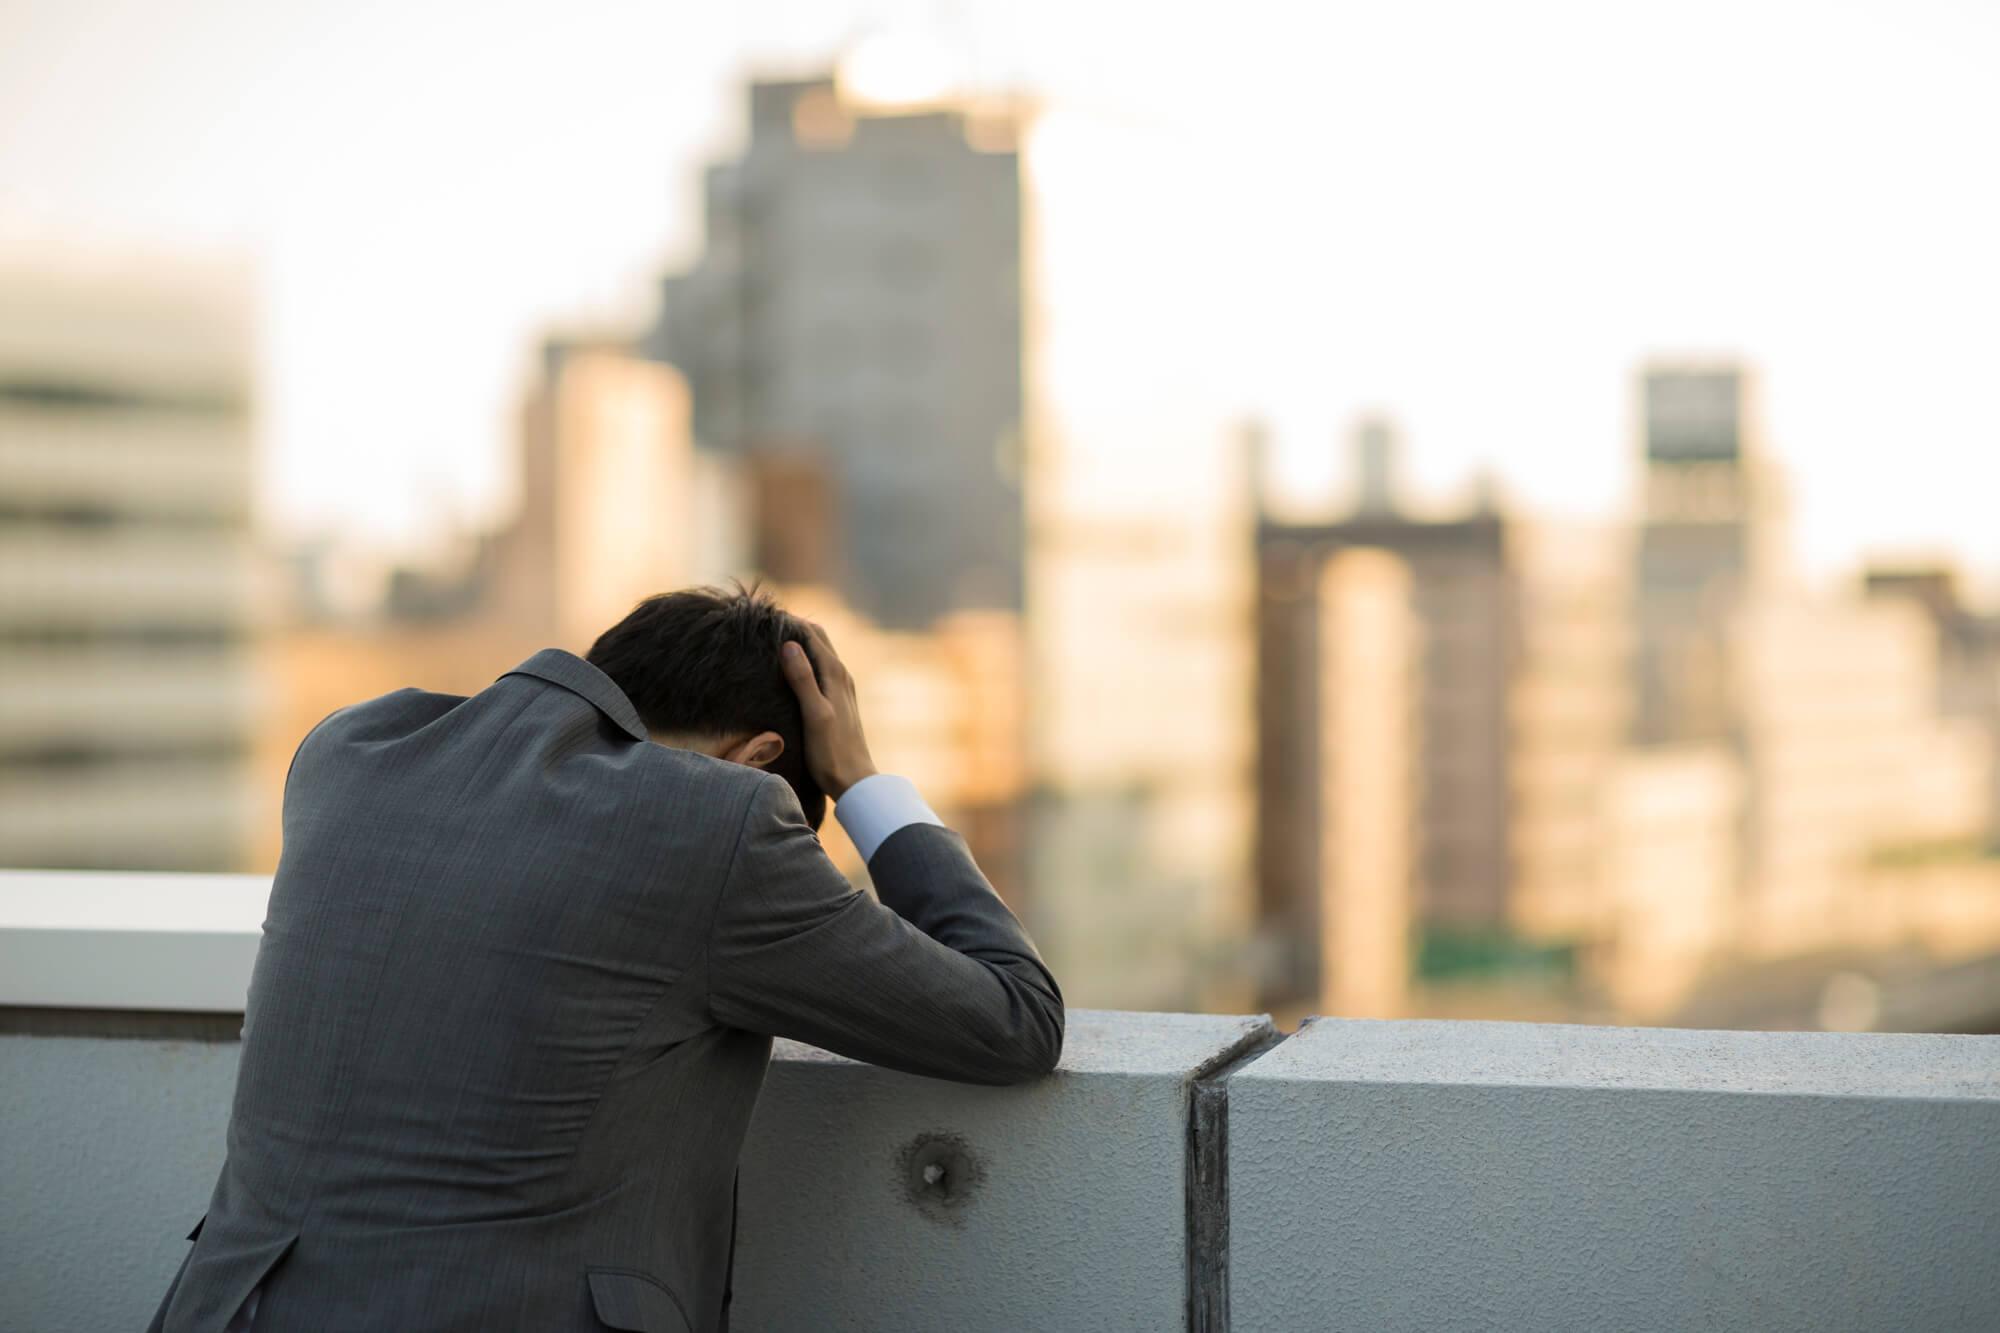 「不動産投資、もうやめたい……」 ――投資家を襲う4つの苦難と乗り越えかた